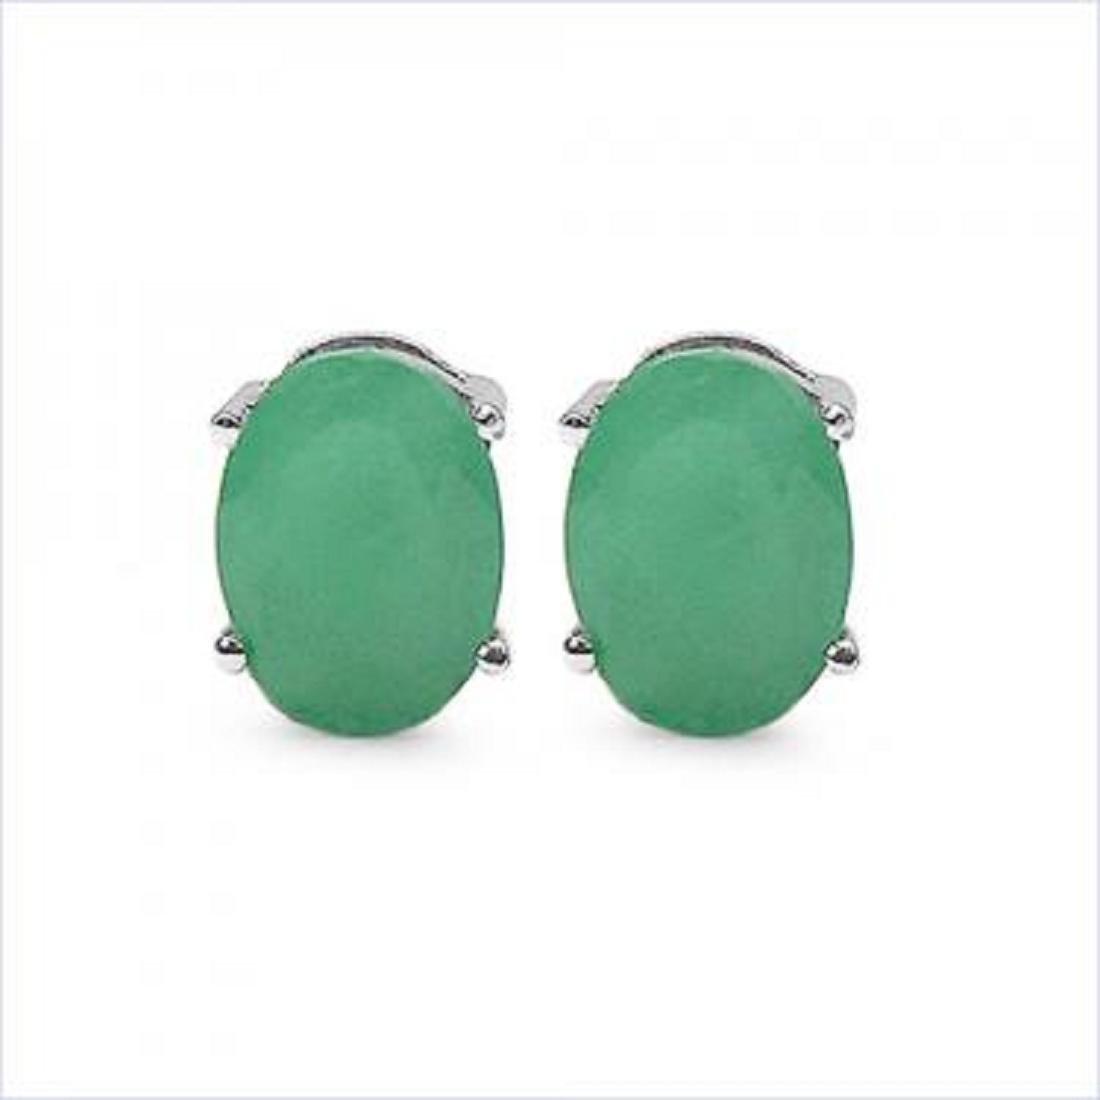 3 CT Green Agate Stud Earrings